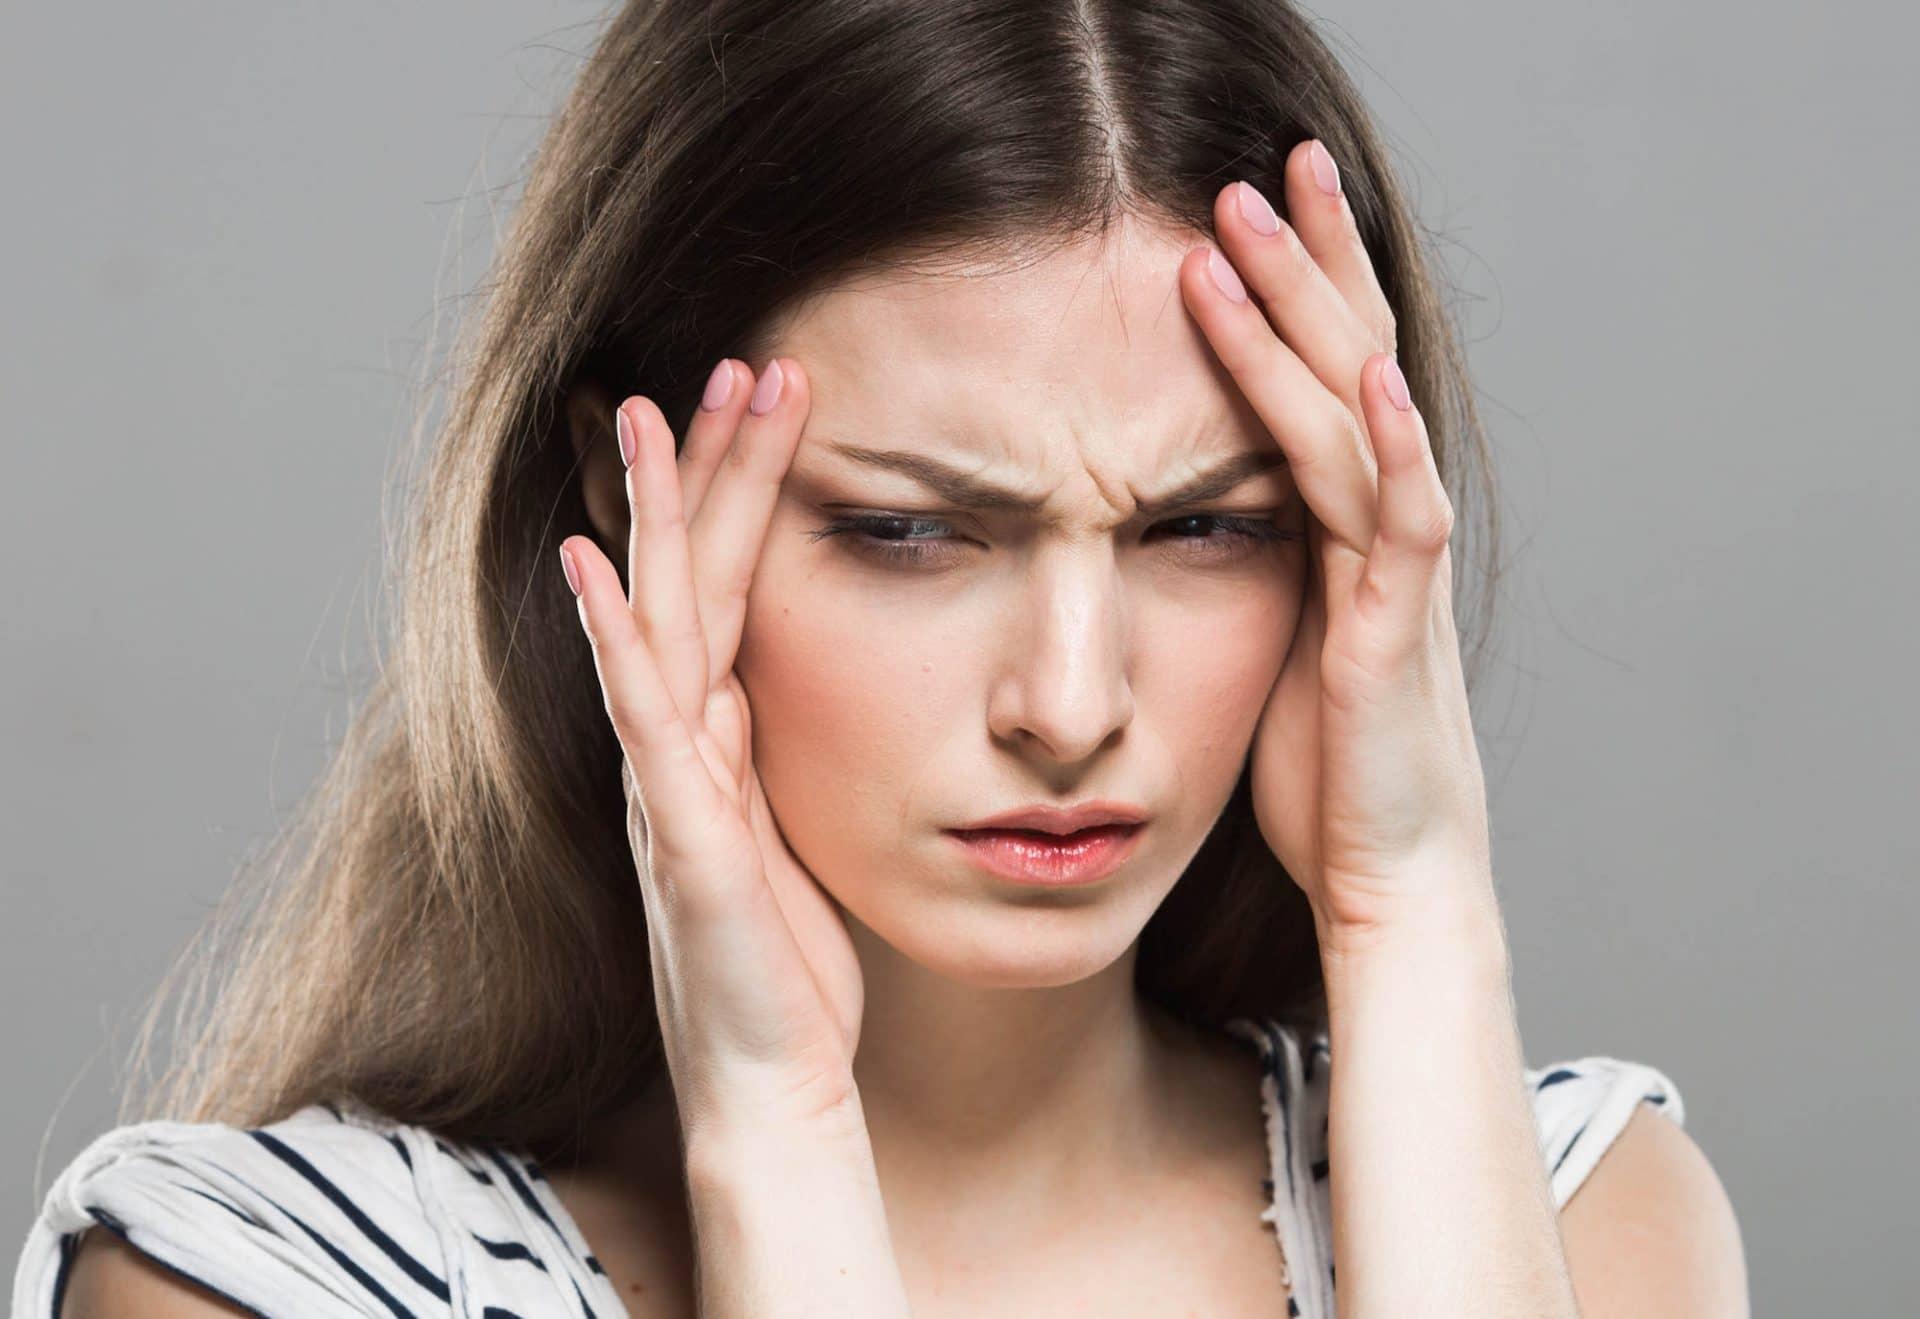 Effetti della fisioterapia per i disturbi temporomandibolari sull'intensità del dolore nel mal di testa